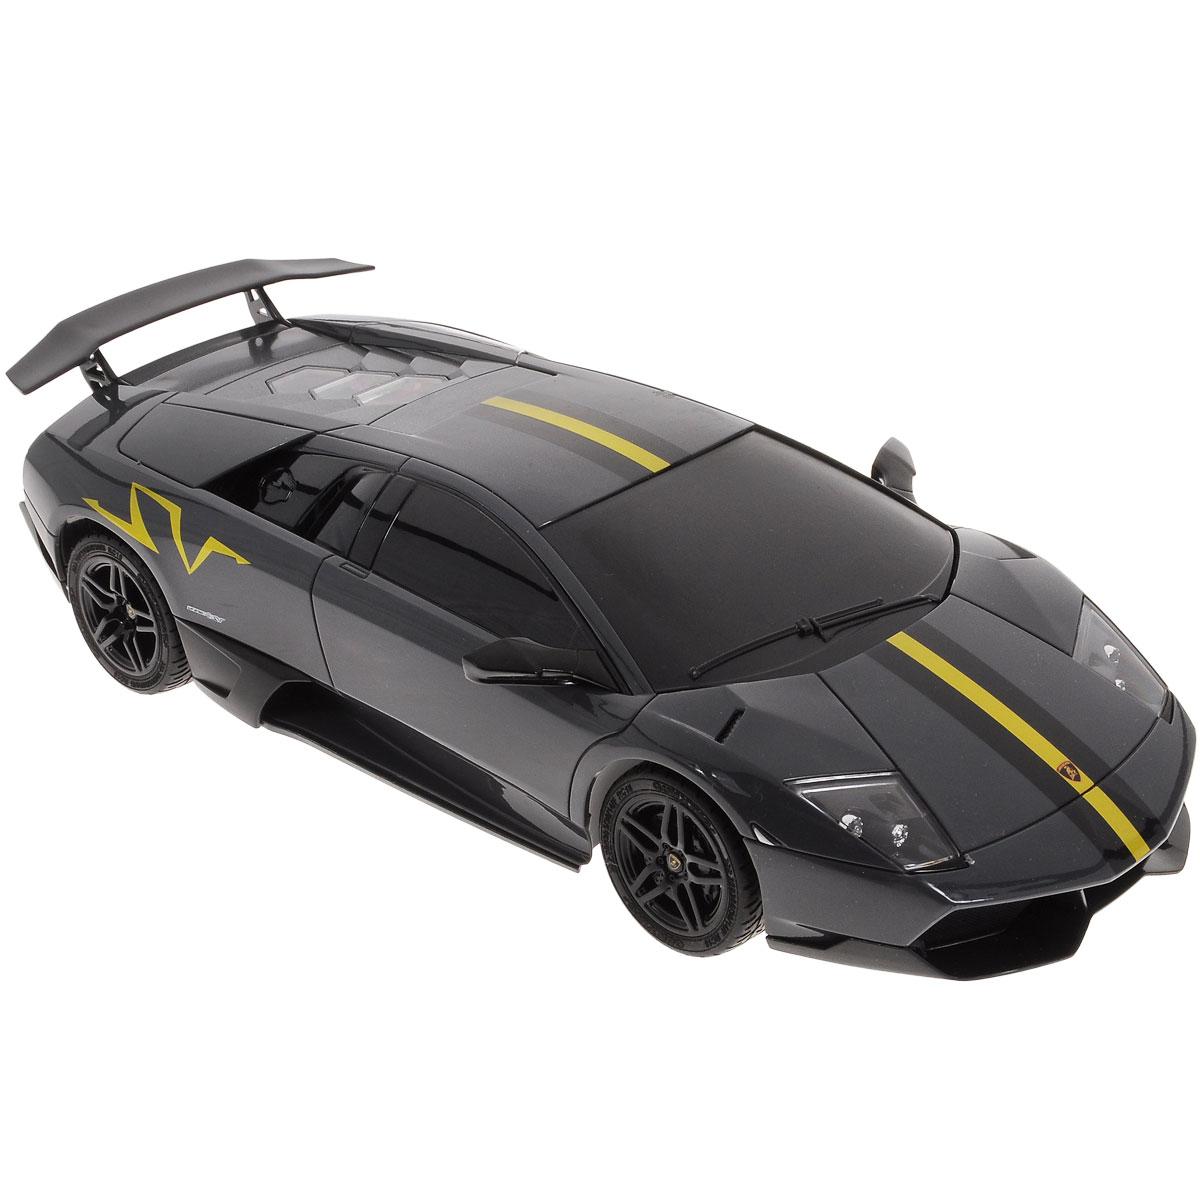 """Радиоуправляемая модель """"Top Gear: Lamborghini Murcielago LP670-4"""" является детальной копией существующего автомобиля в масштабе 1:18. Машинка изготовлена из прочного легкого пластика с элементами металла, колеса прорезинены. При помощи пульта управления автомобиль может перемещаться вперед, назад, поворачивать влево и вправо, останавливаться. Встроенные амортизаторы обеспечивают комфортное движение. При движении фары машинки светятся. В комплект входят машинка и пульт управления. Автомобиль отличается потрясающей маневренностью и динамикой. Ваш ребенок часами будет играть с моделью, устраивая захватывающие гонки. Машина работает от 4 батареек напряжением 1,5V типа АА (не входят в комплект). Пульт управления работает от 2 батареек напряжением 1,5V типа АА (не входят в комплект)."""